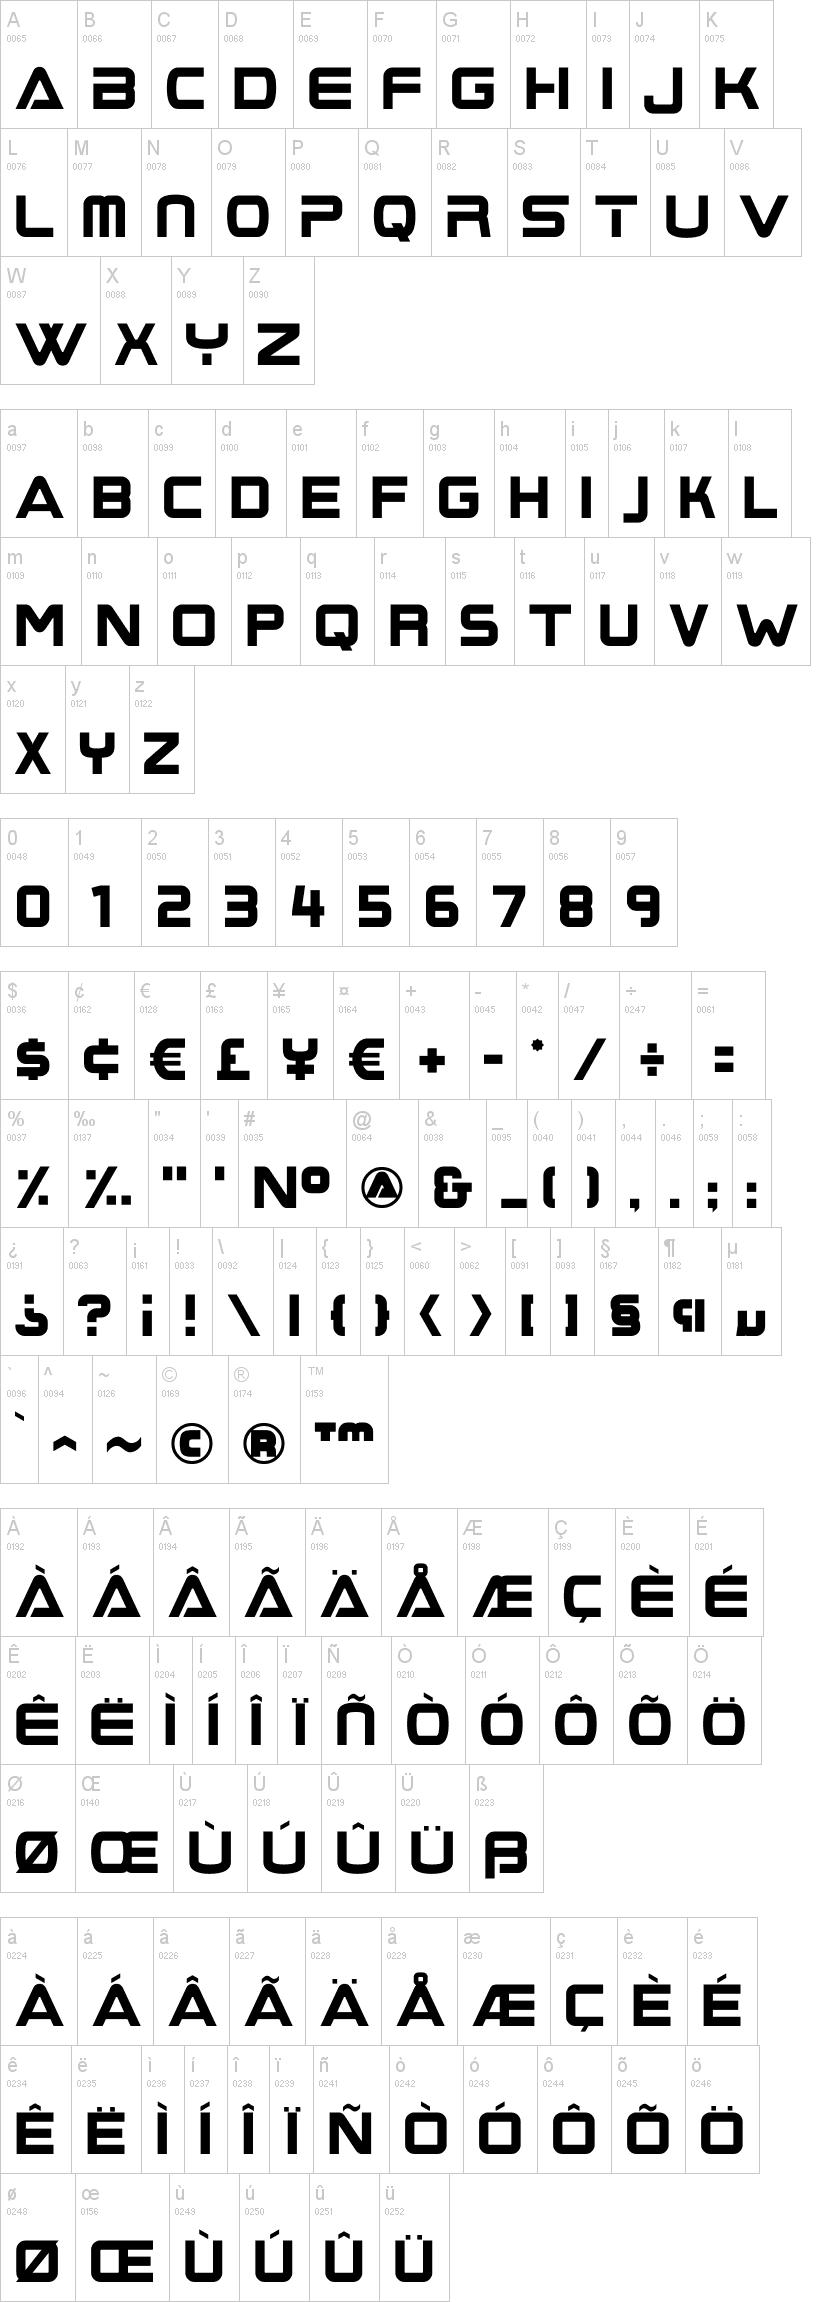 Boom Box Font | dafont com